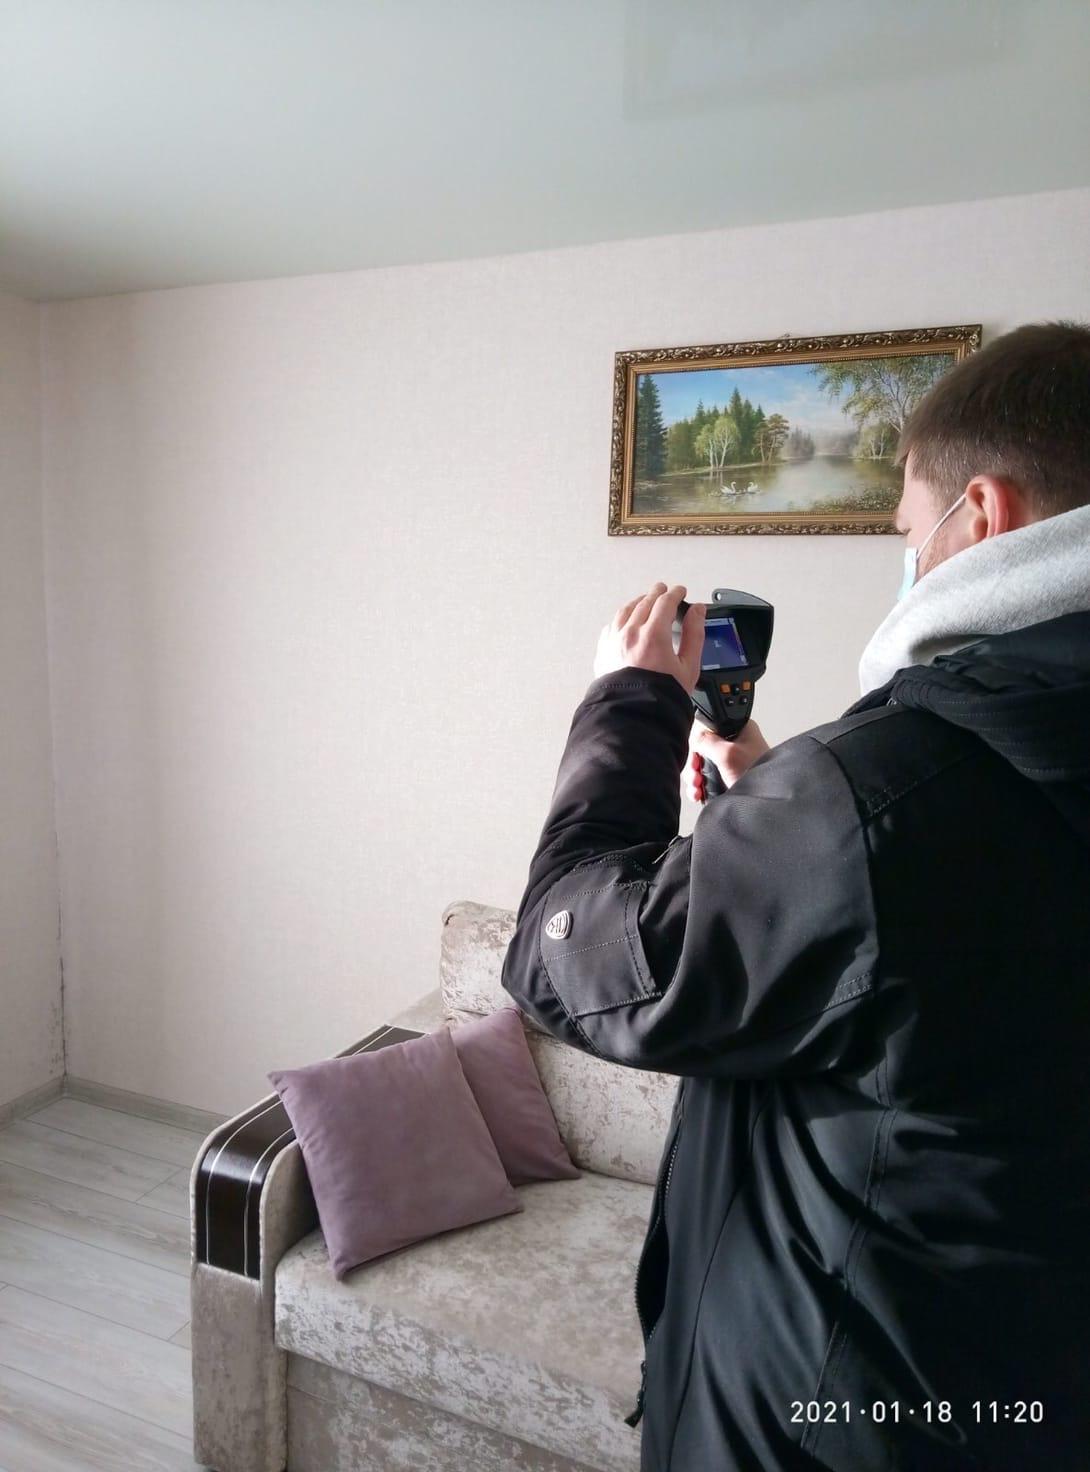 Улица Профсоюзная дом 78-185 обследование стен тепловизором